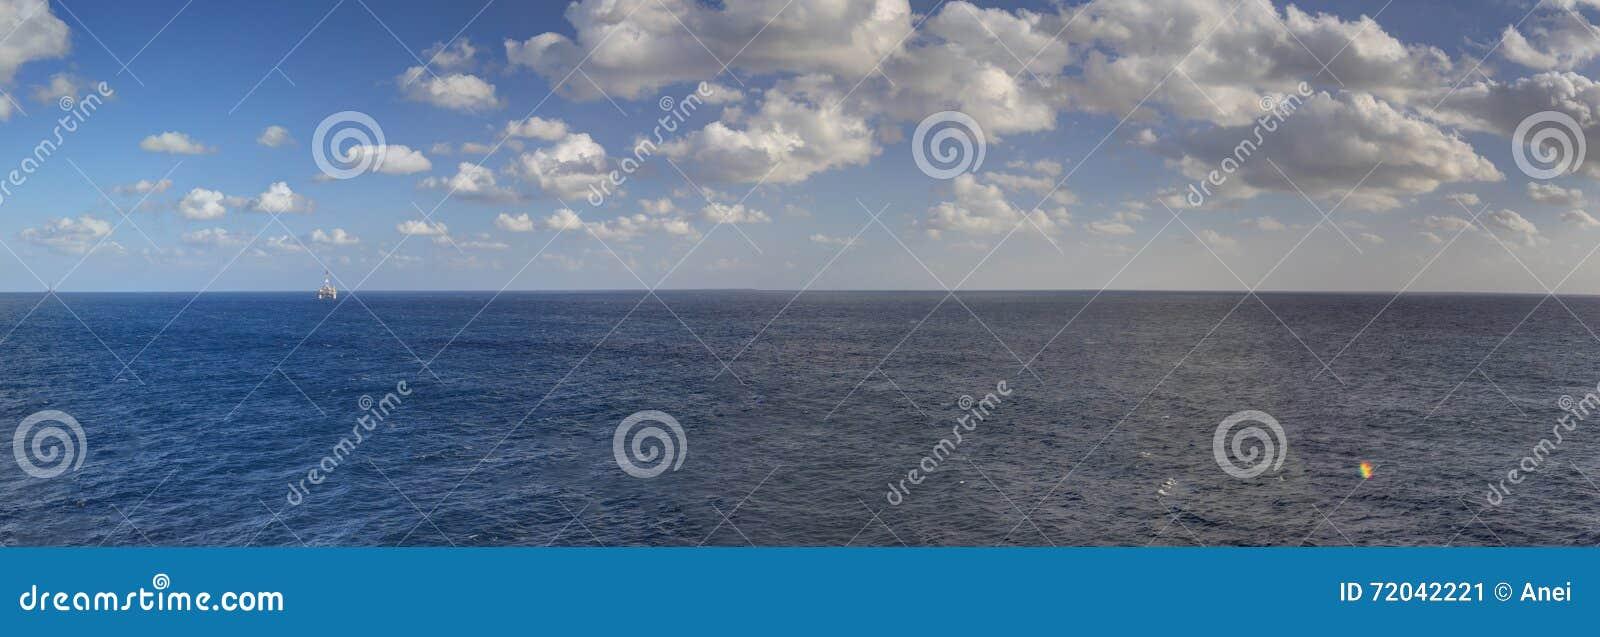 Αργά το απόγευμα φωτογραφία πανοράματος HDR της θάλασσας που εκτείνεται όλο τον τρόπο στον ορίζοντα και τον μπλε νεφελώδη ουρανό